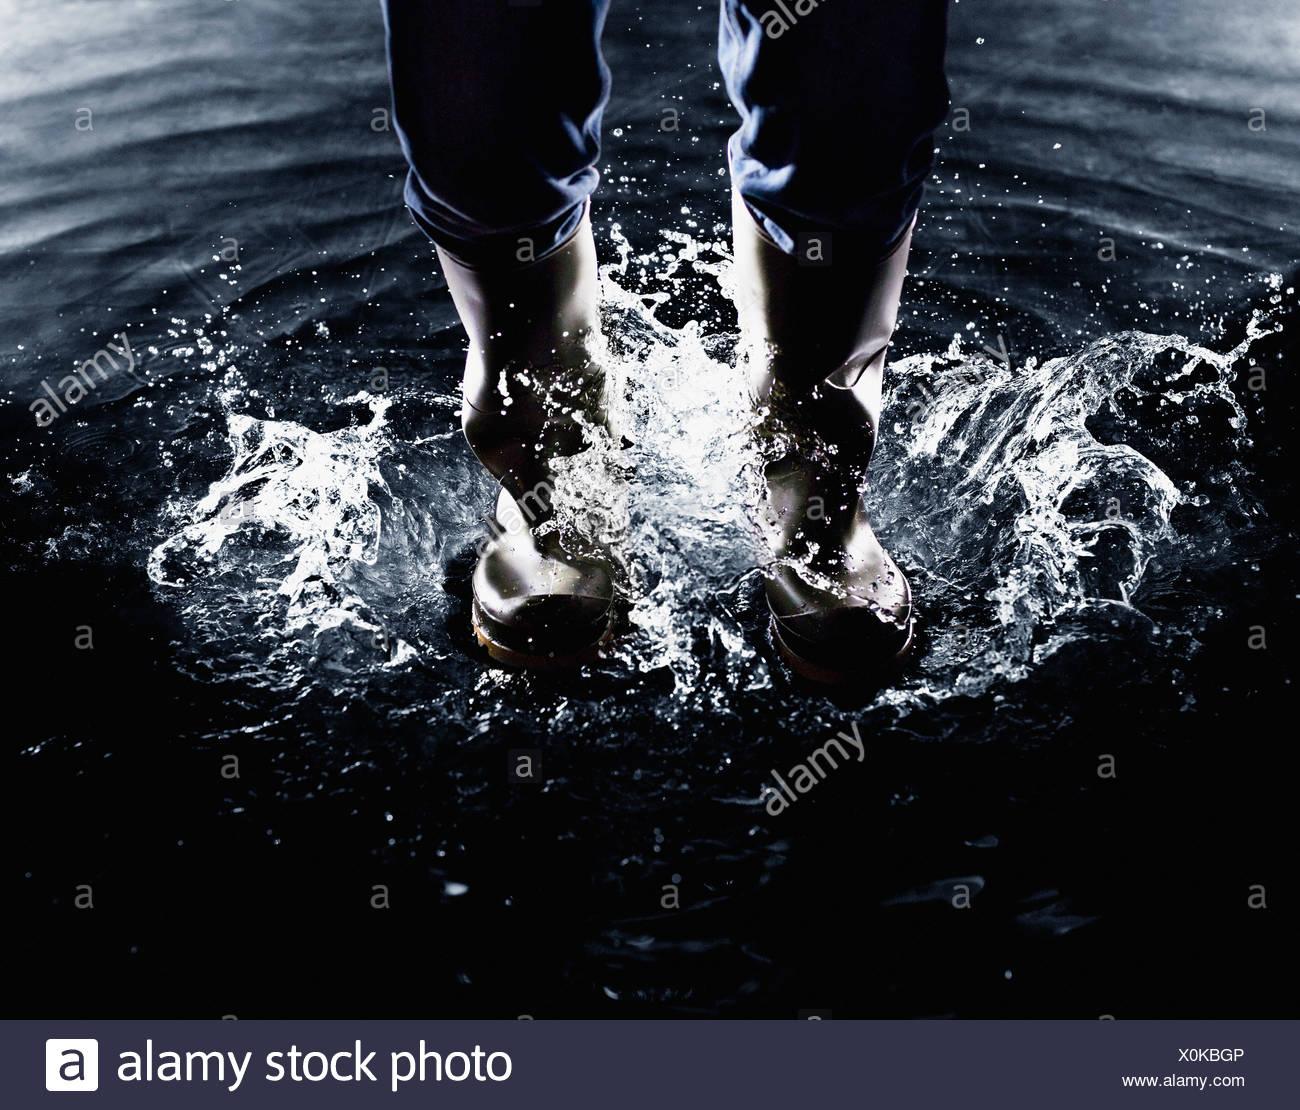 Gummistiefel, planschen im Wasser Stockbild